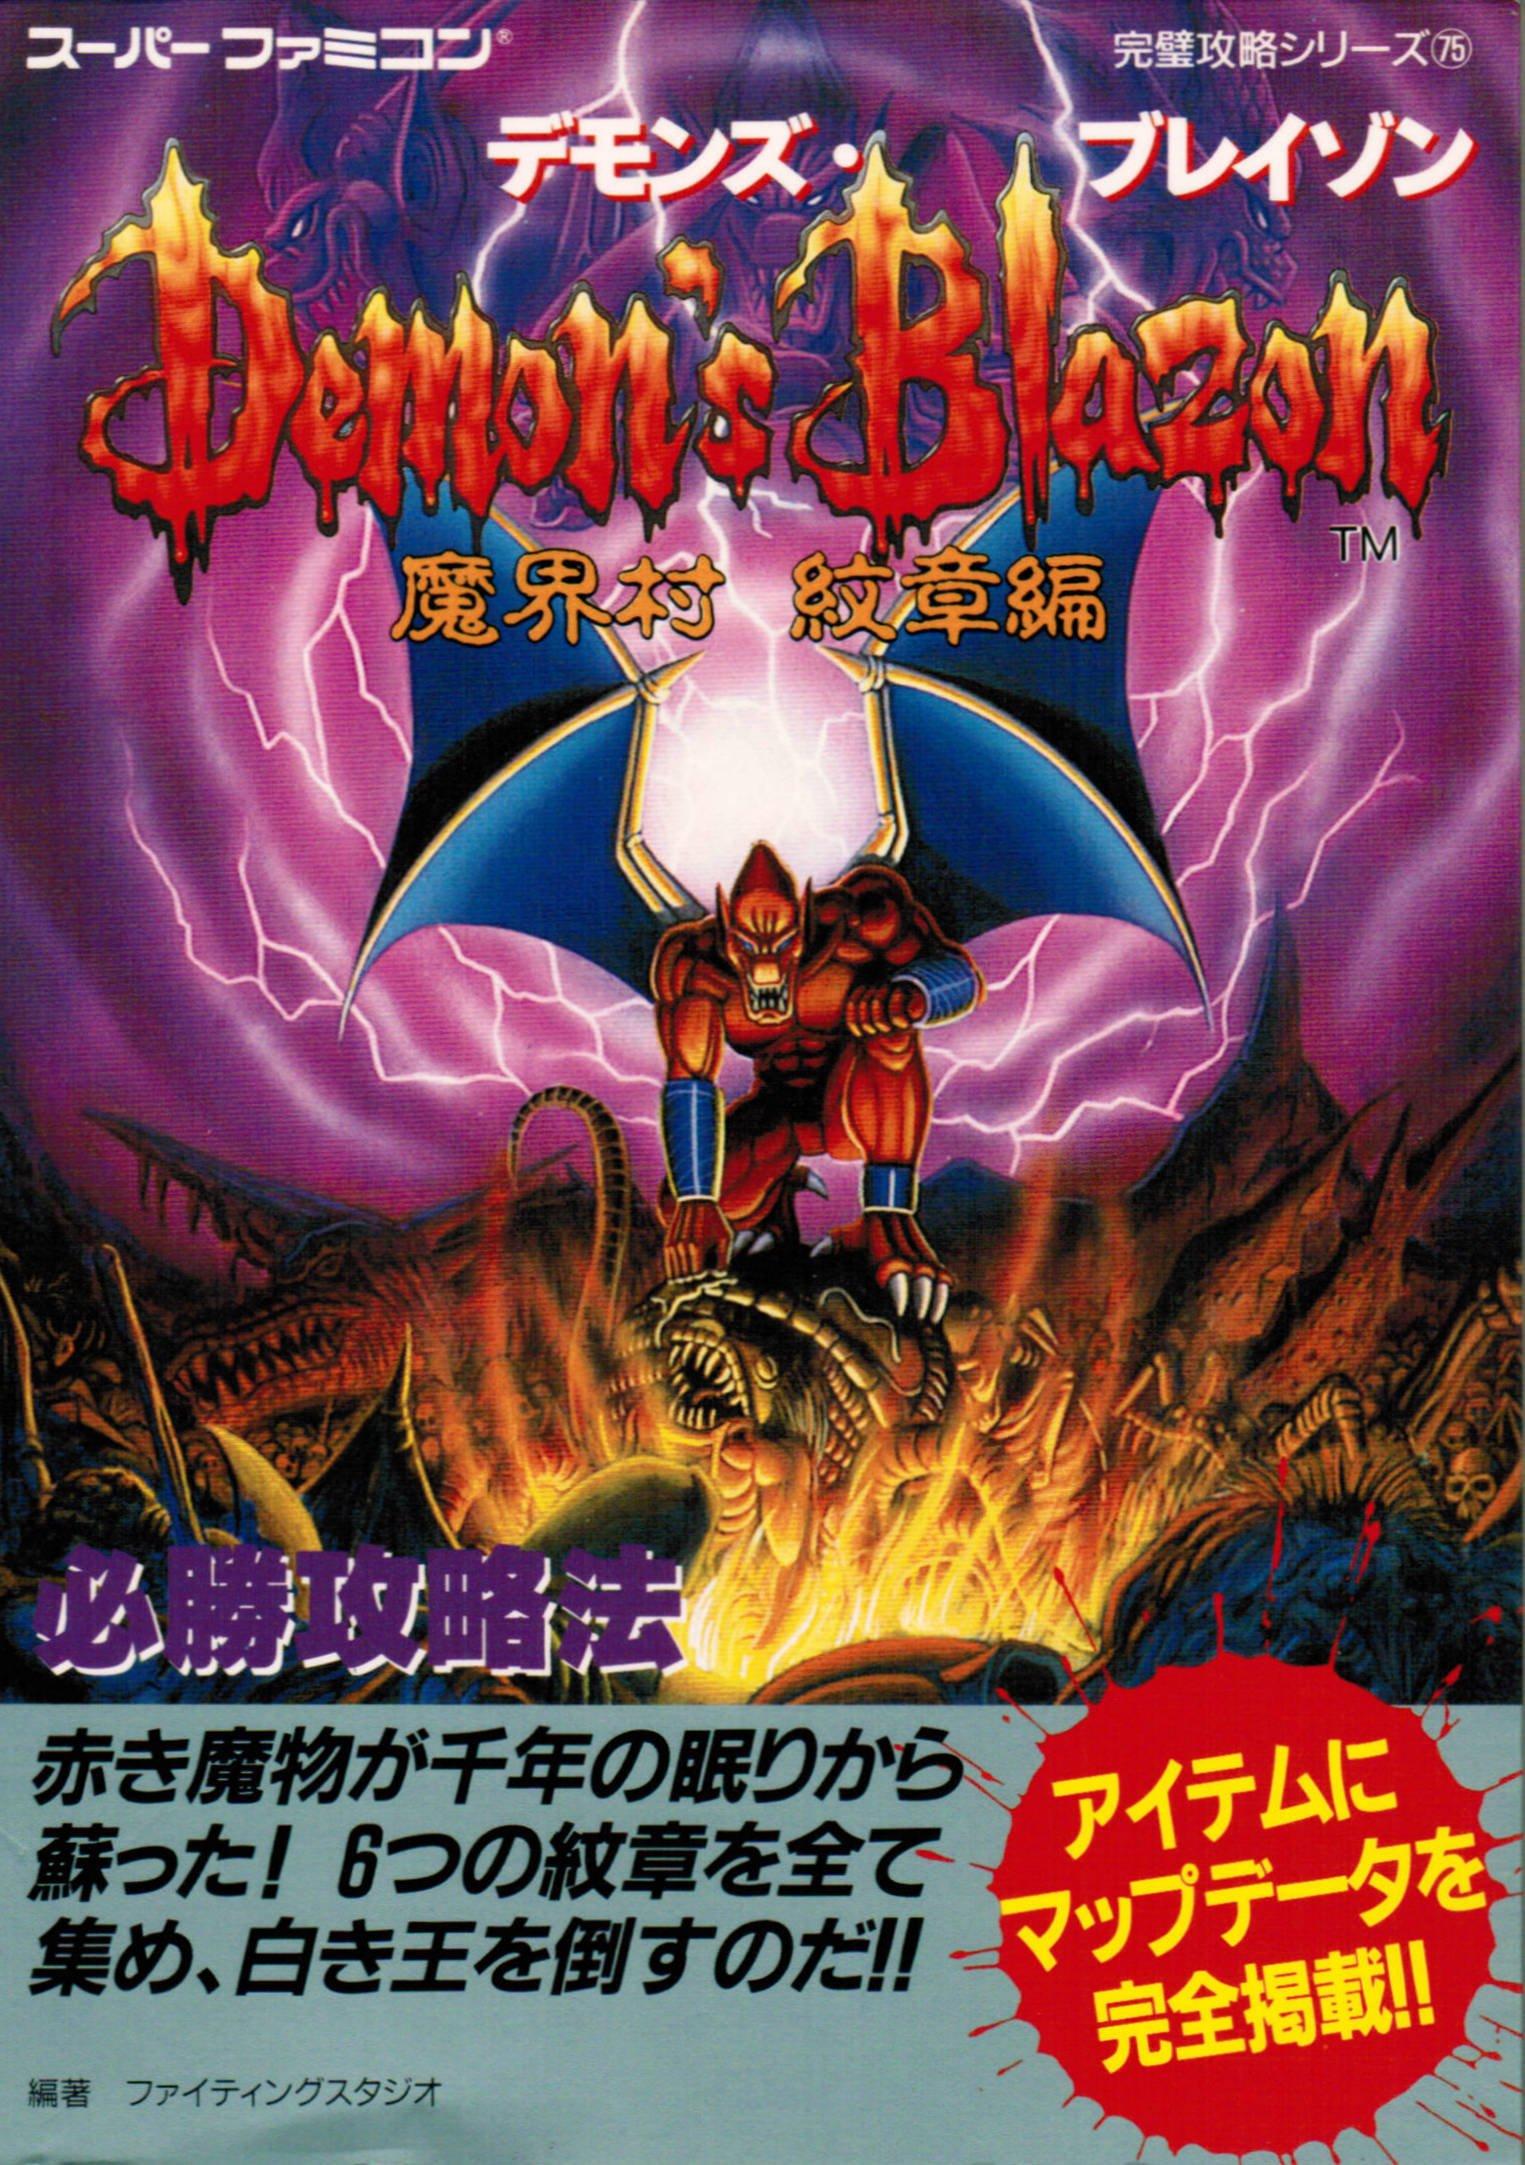 デモンズ ブレイ ゾン 攻略 デモンズブレイゾン 魔界村 紋章編 攻略Wiki